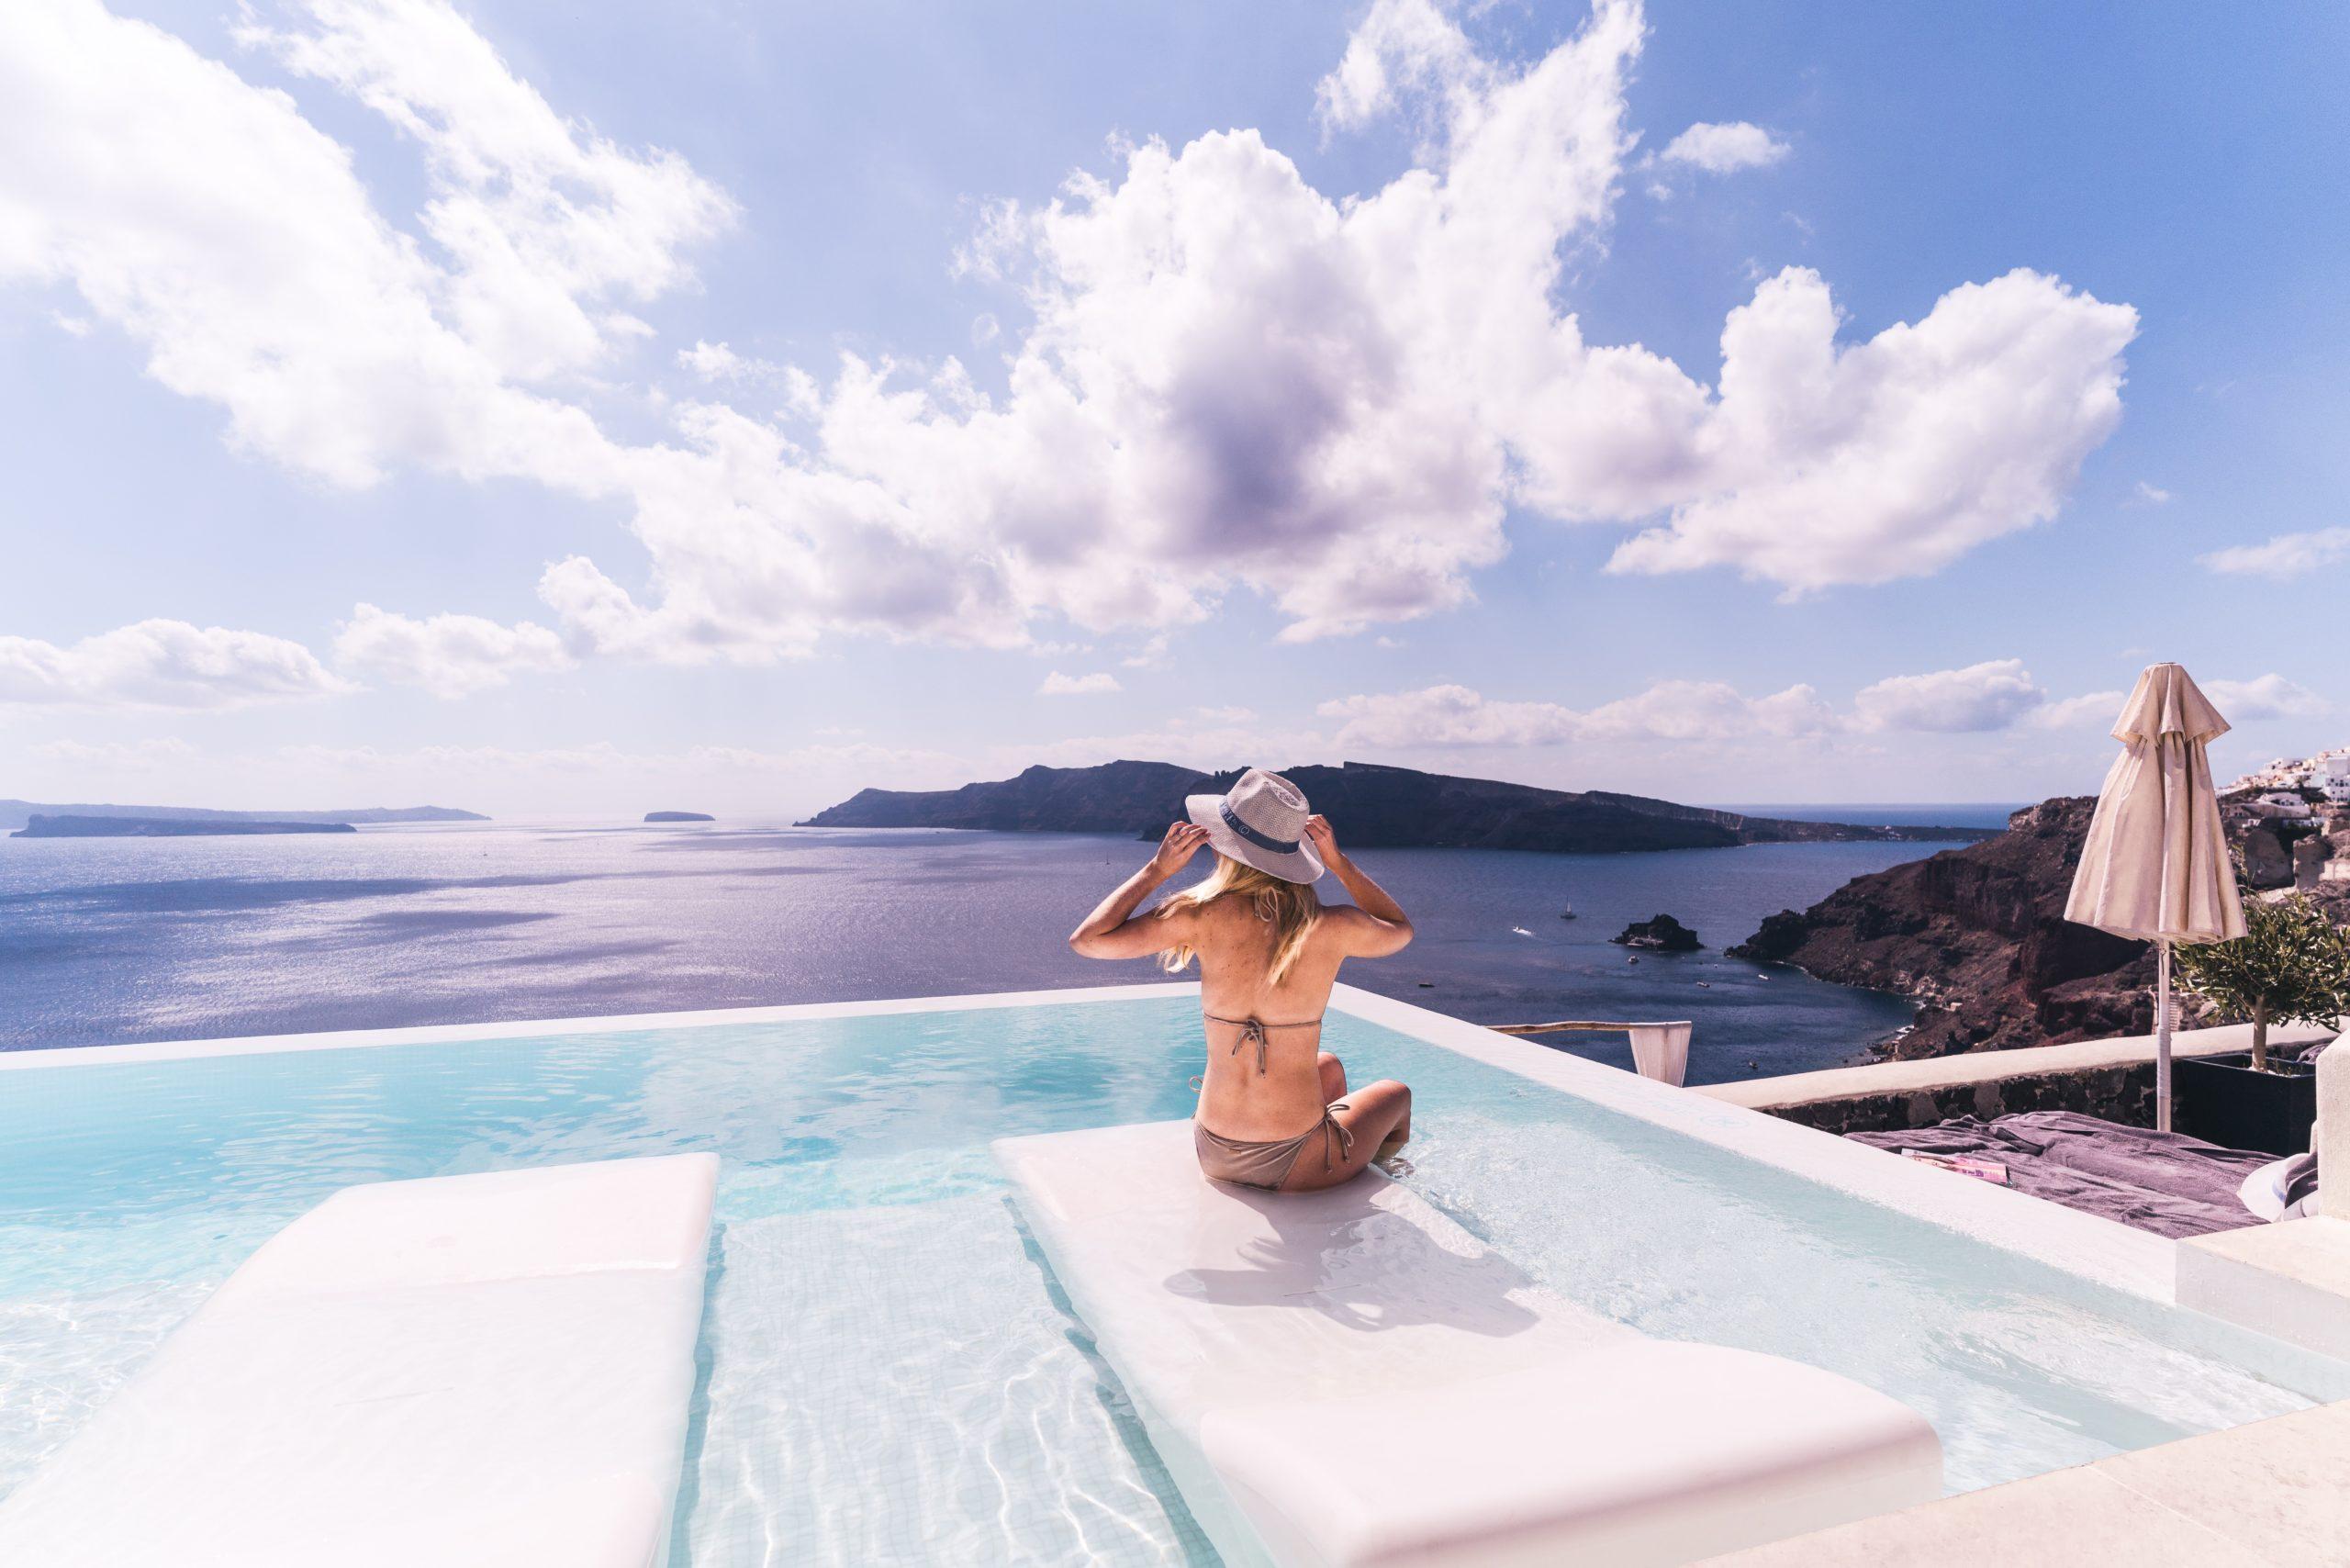 Frau in einem Whirlpool auf einem Balkon, einer Terrace